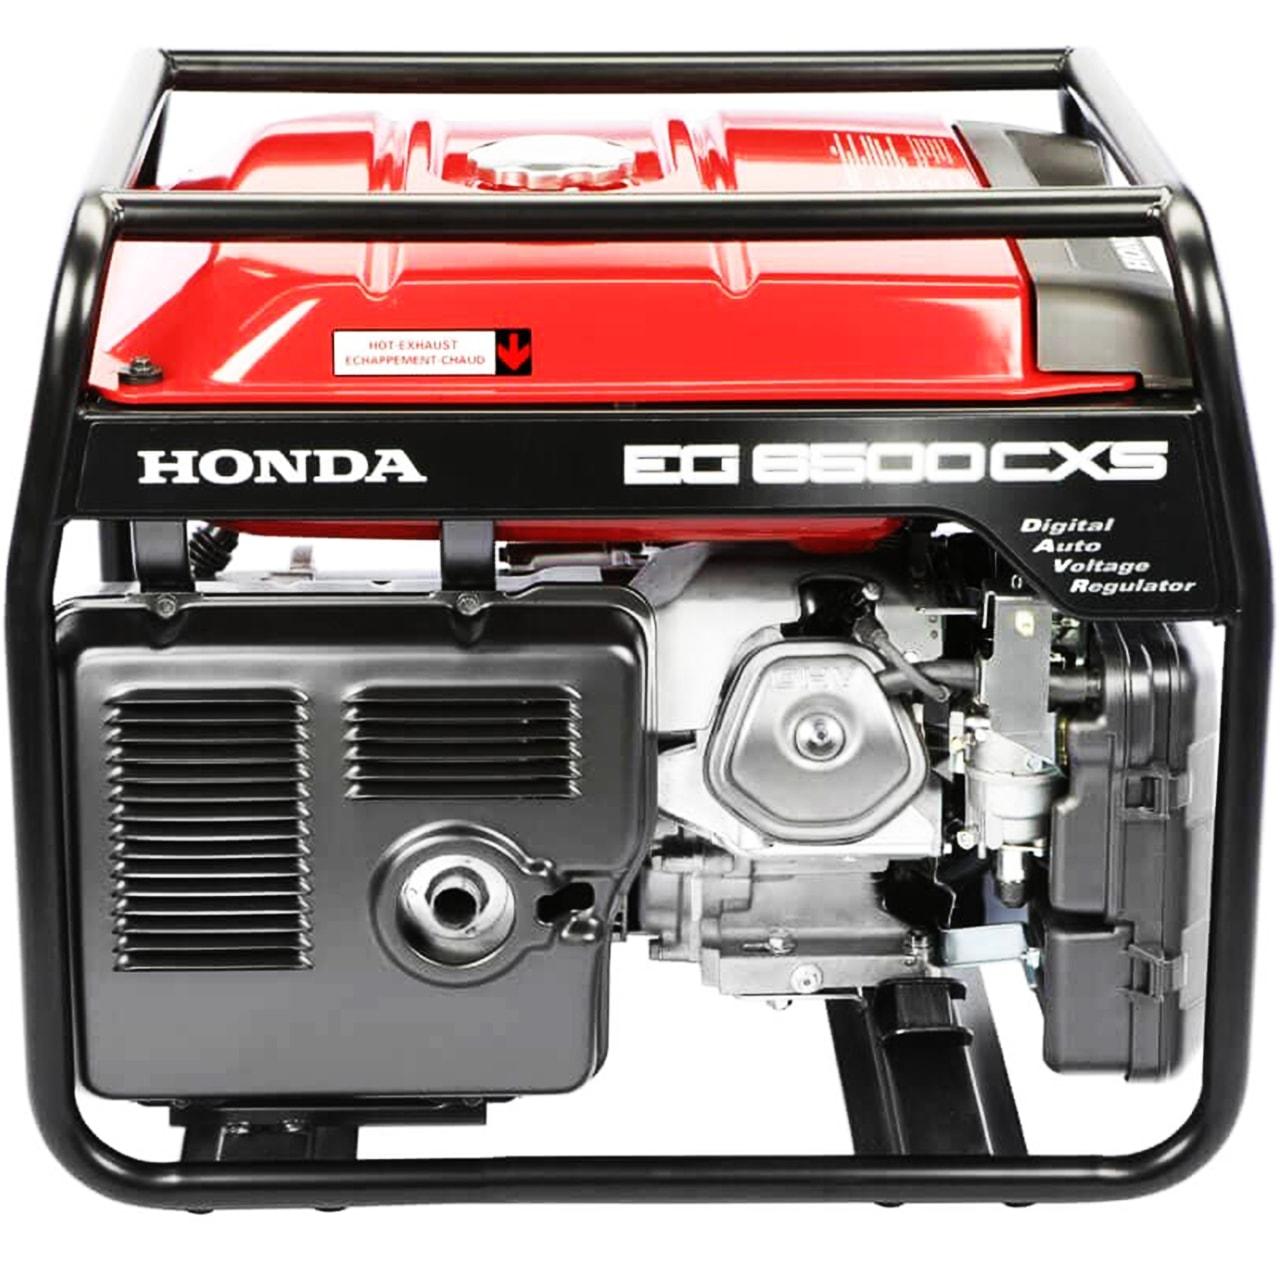 Gerador Gasolina Honda EG 6500 CXS Bivolt 6.5cv